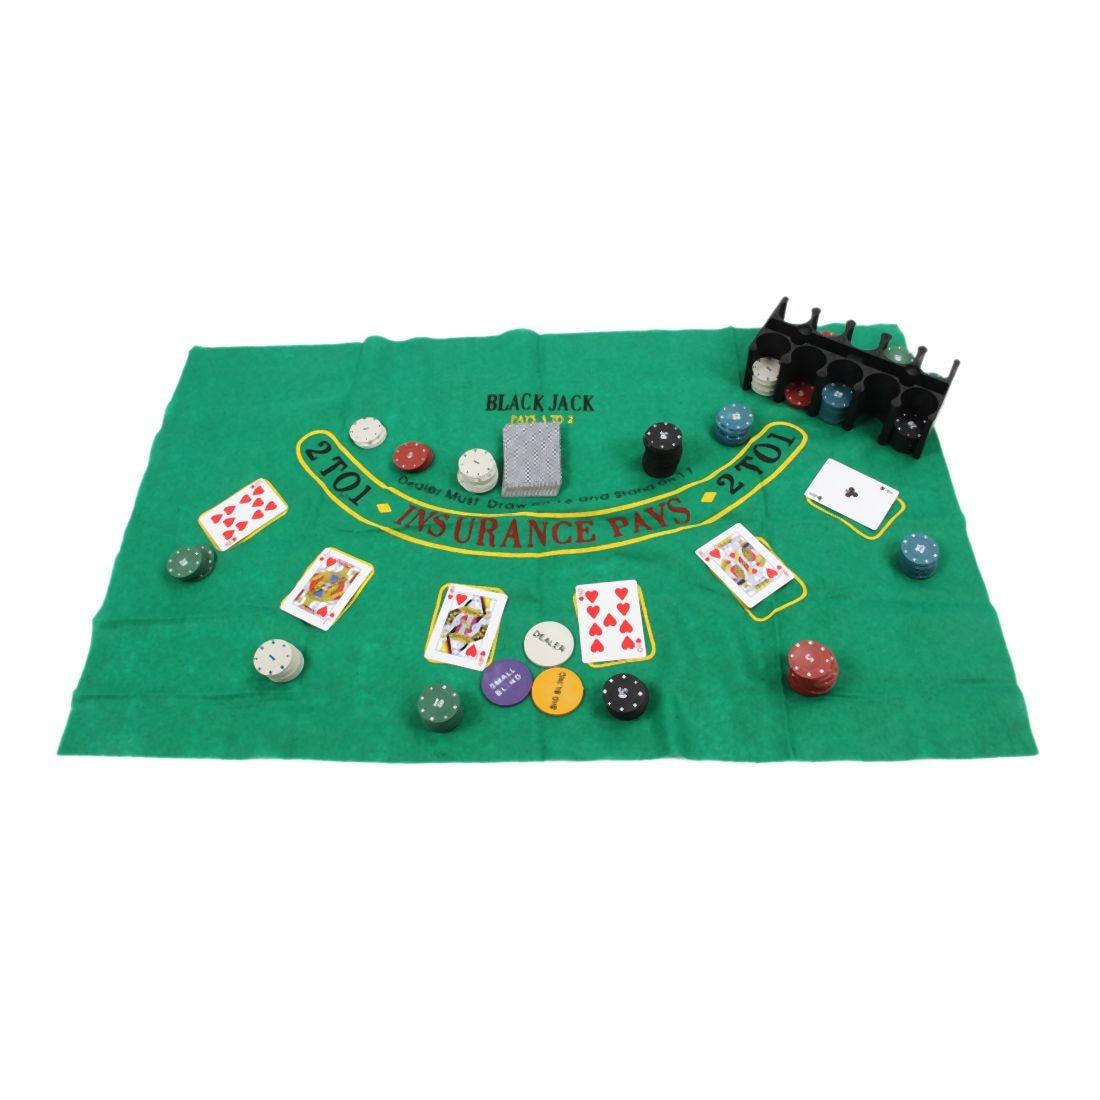 lgfm-super-deal-200-baccarat-chips-bargaining-font-b-poker-b-font-chips-set-blackjack-table-cloth-blinds-dealer--font-b-poker-b-font-cards-with